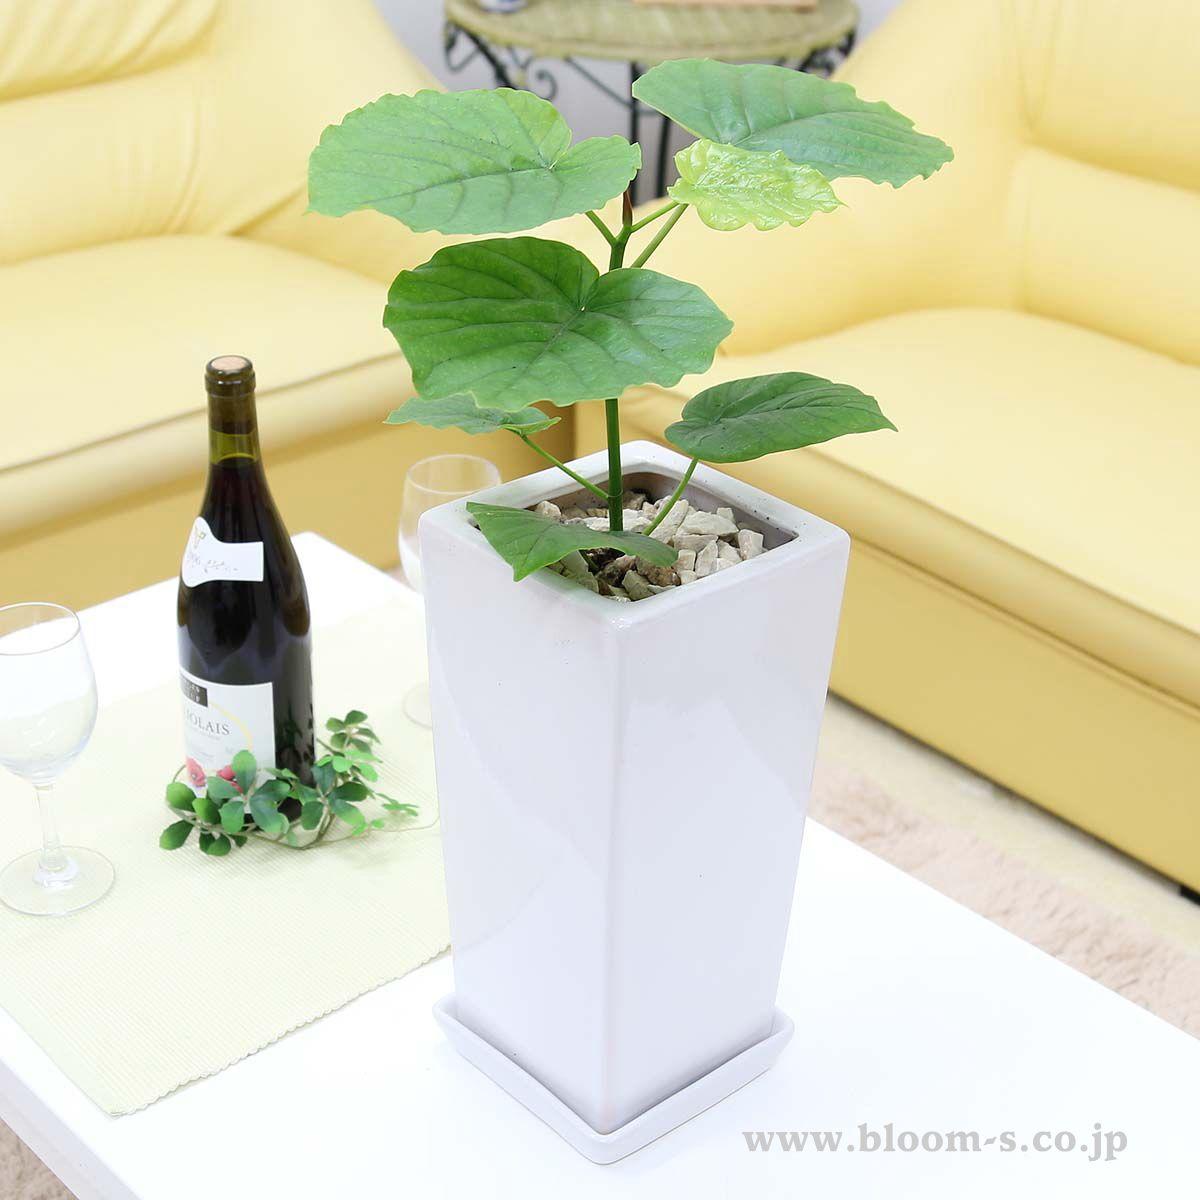 ボード Green Interior 観葉植物 のピン